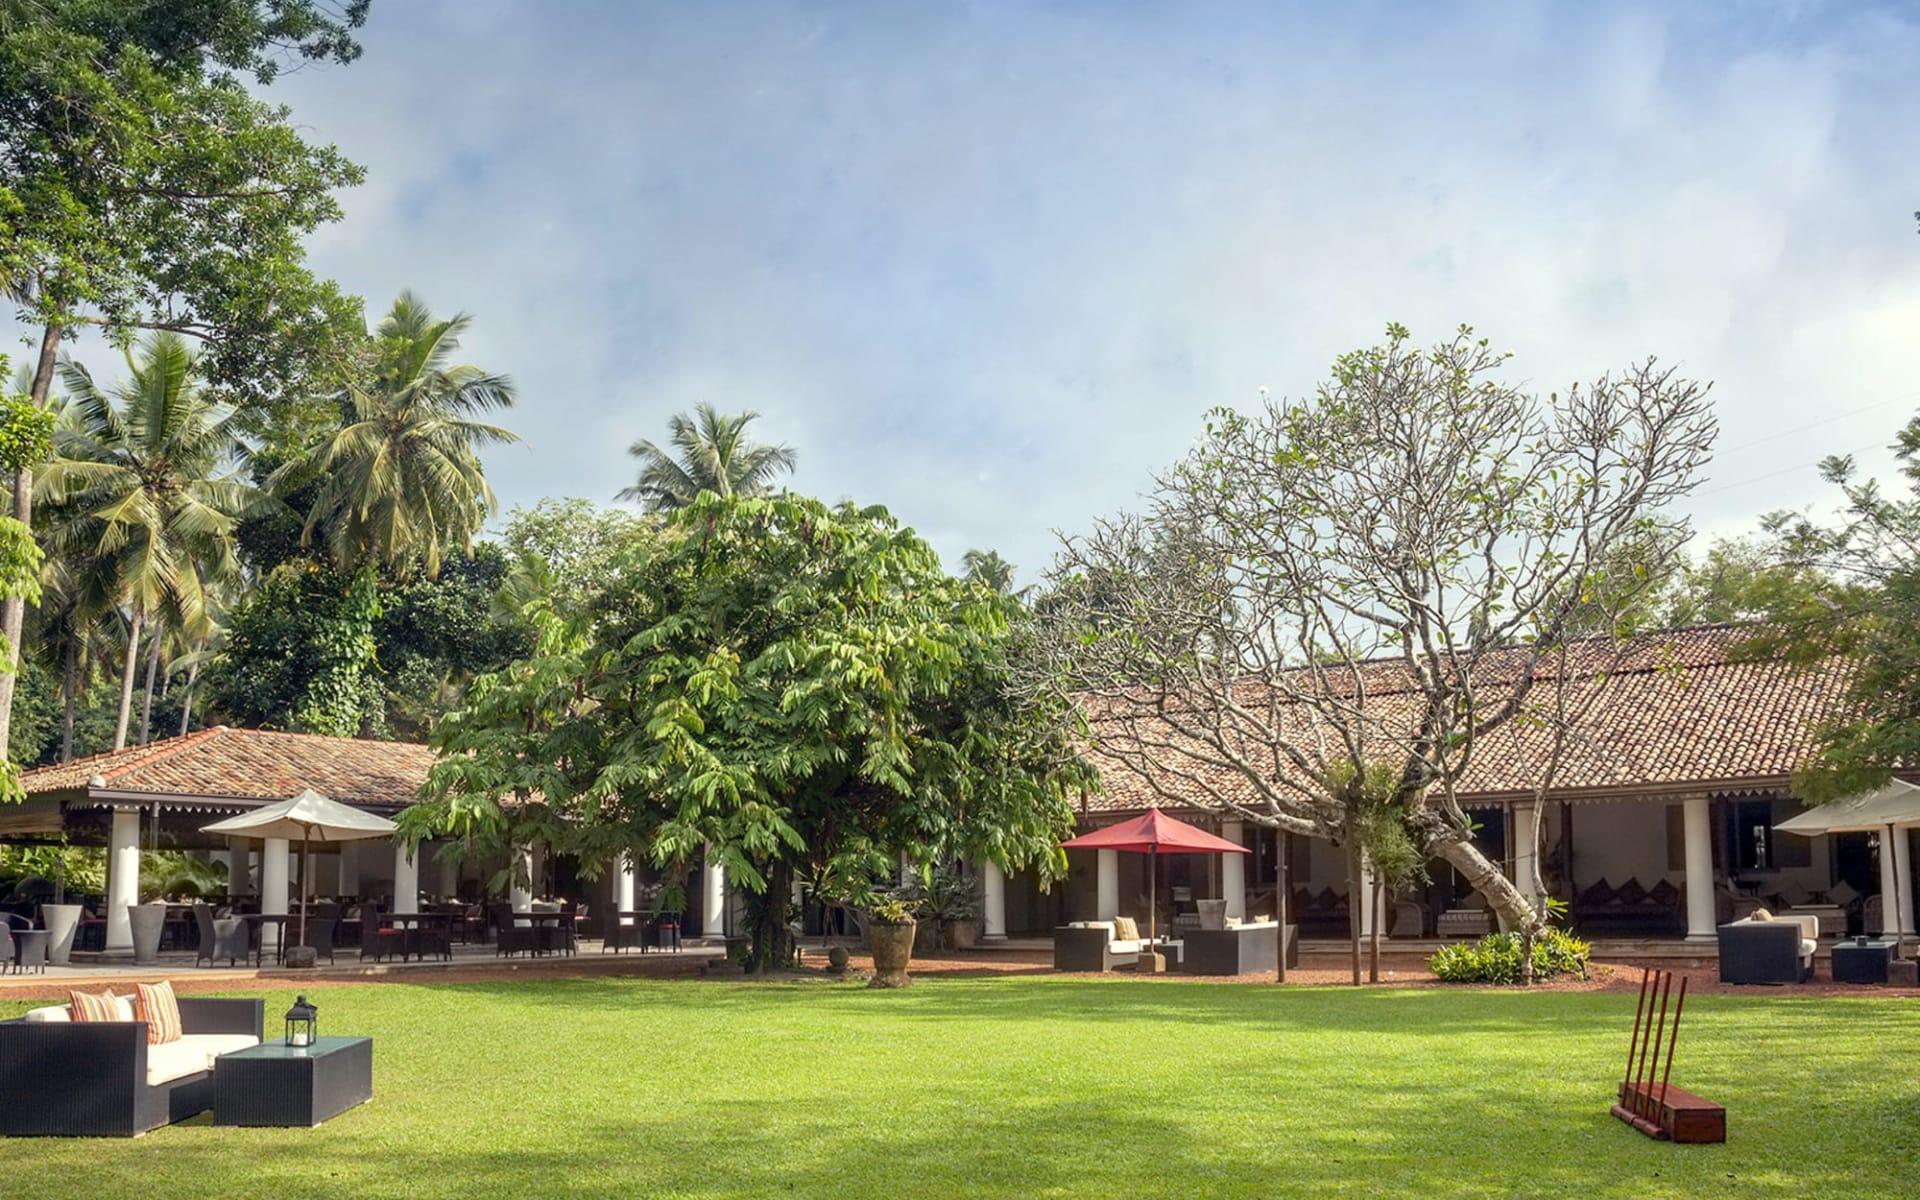 The Wallawwa in Colombo: Main Hotel